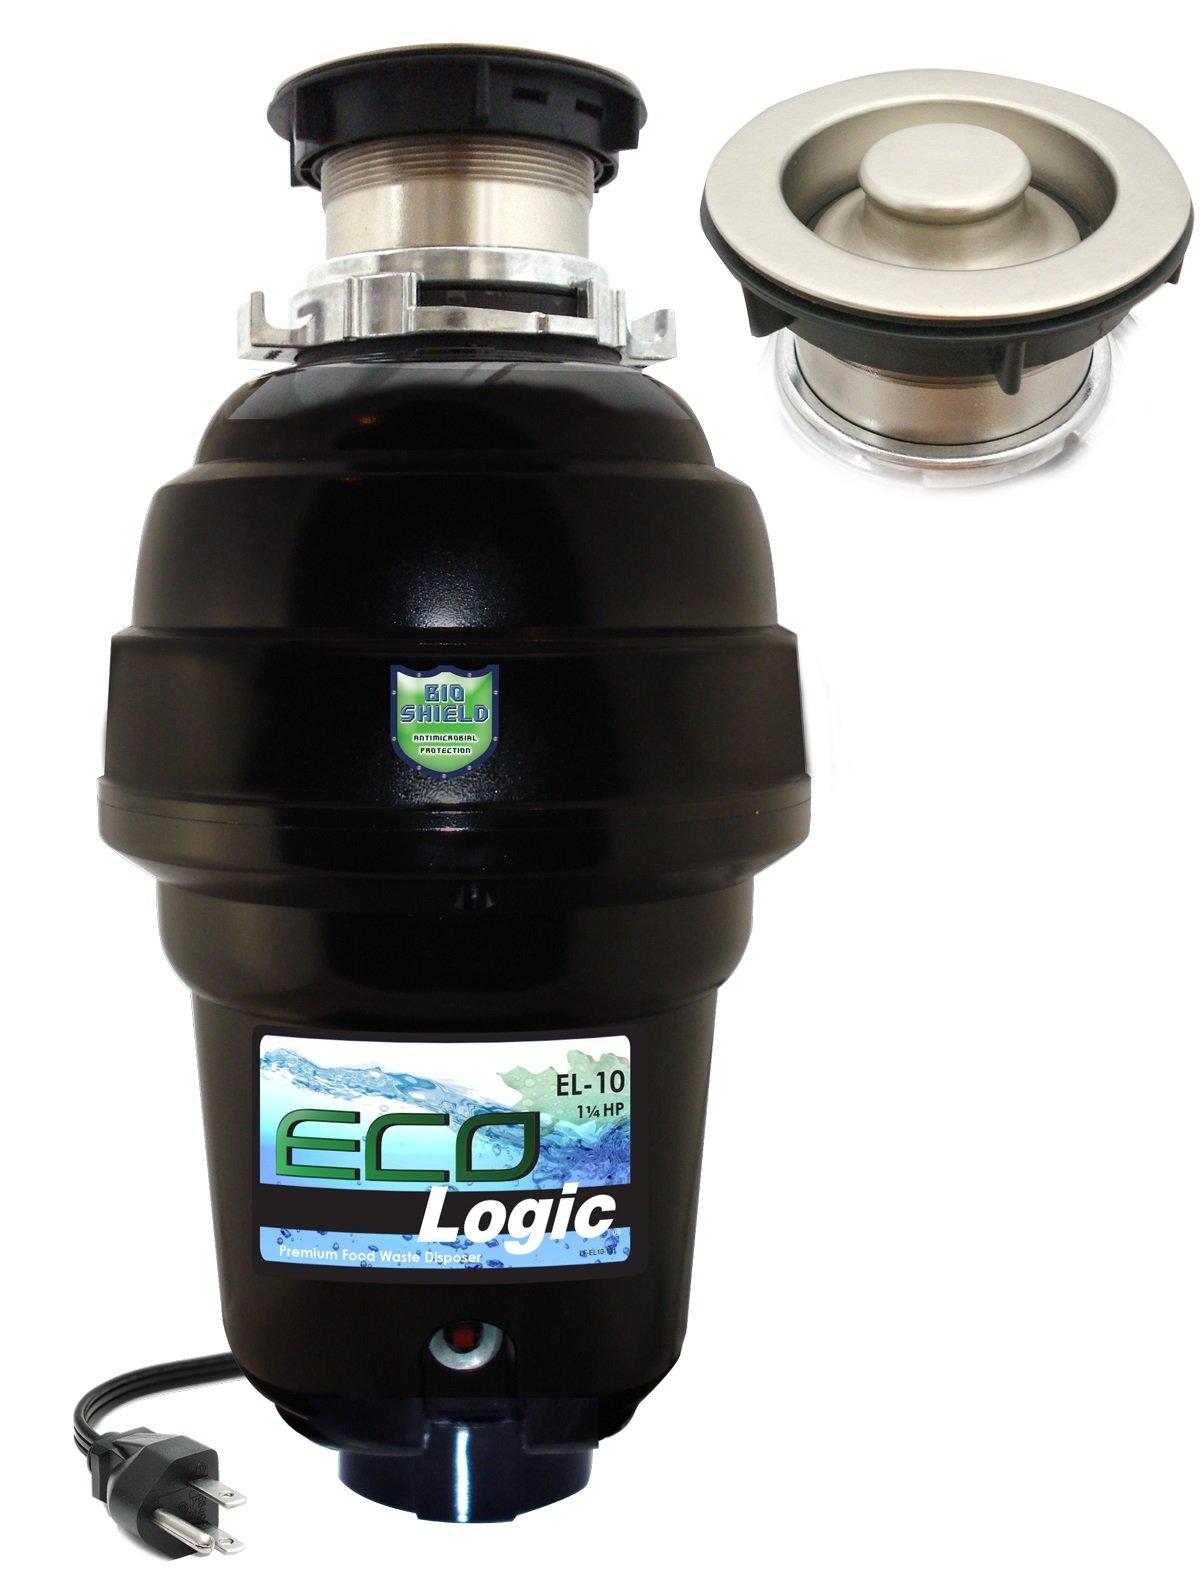 Eco Logic EL-10-DS-BN 10 Designer Series Food Waste Disposer with Brushed Nickel Sink Flange, 1-1/4 HP by Eco Logic